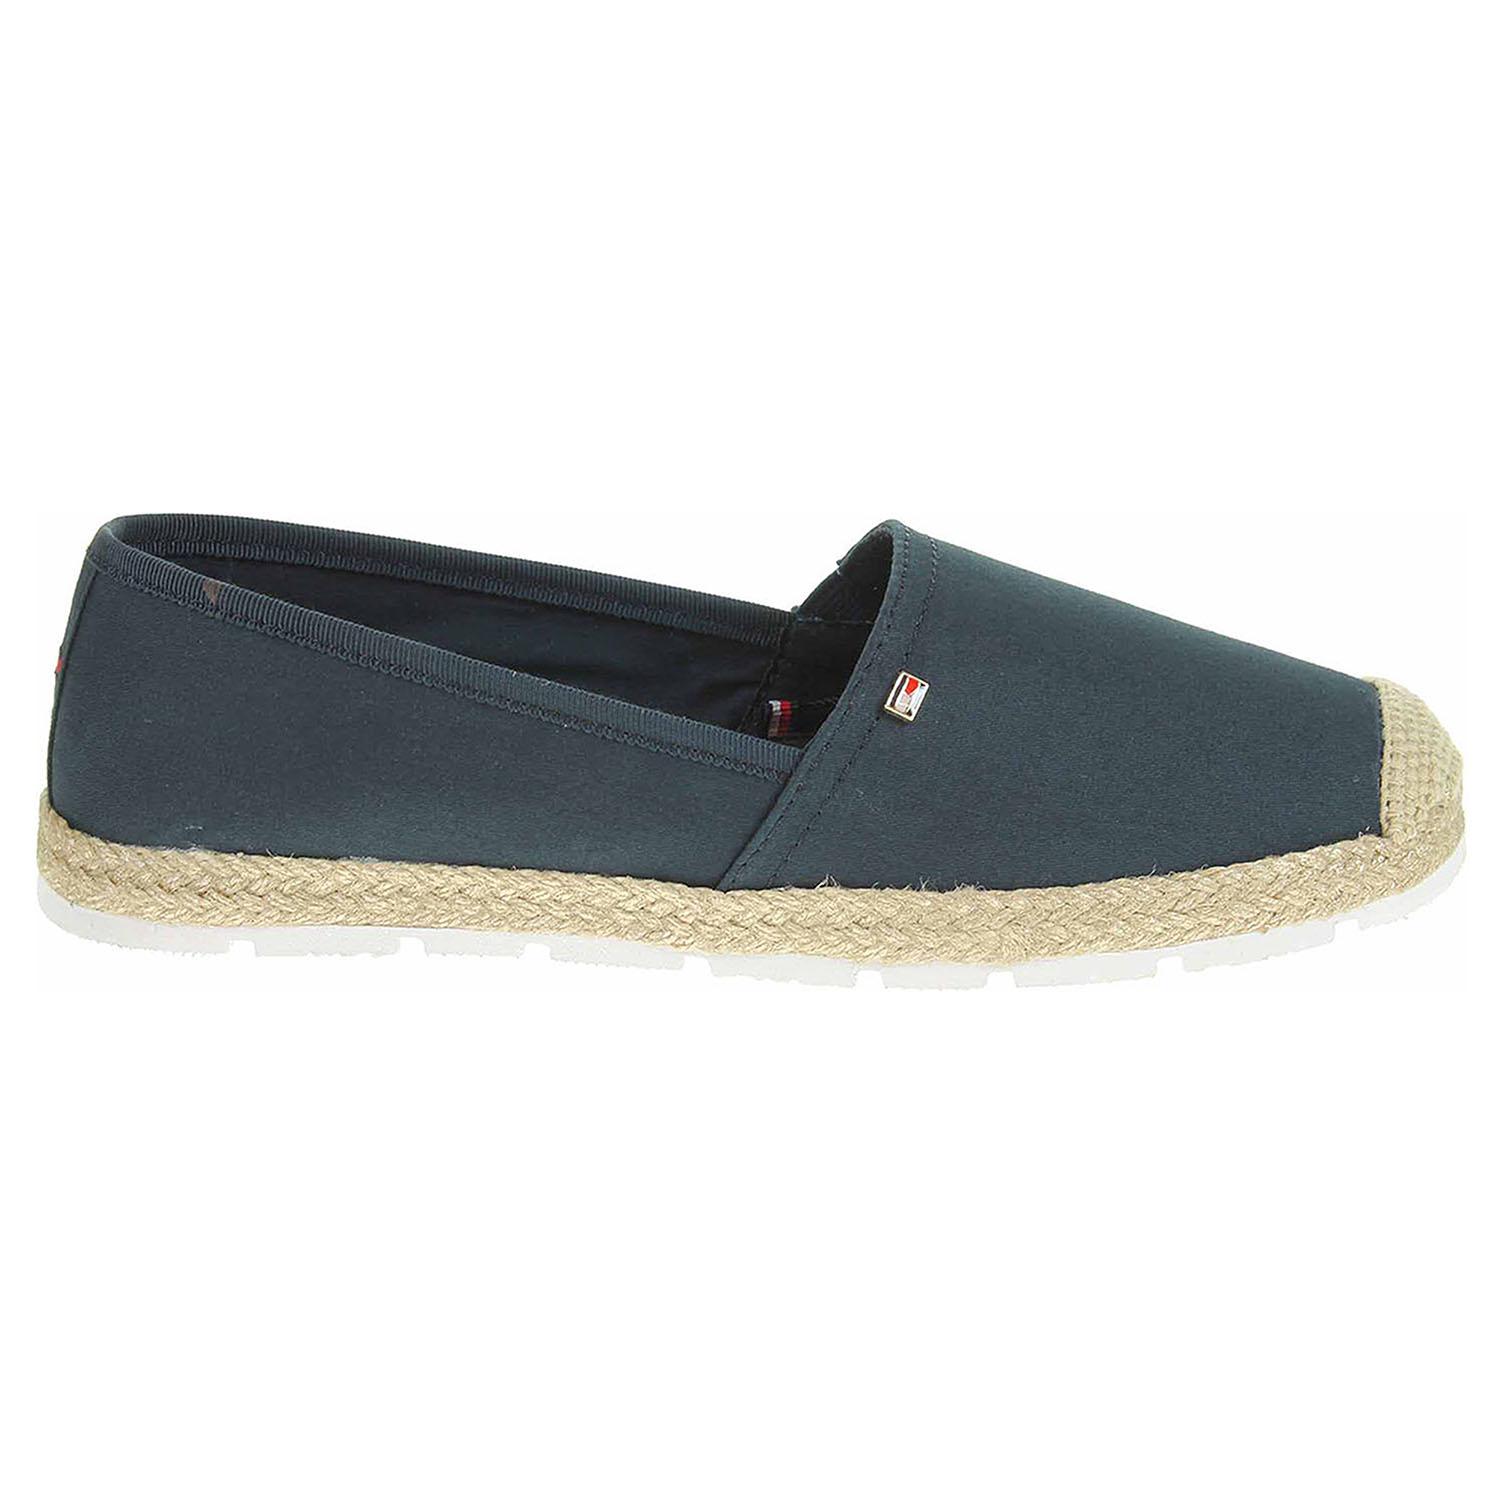 0c42f127bc13 Tommy Hilfiger dámská obuv FW0FW02409 403 midnight FW0FW02409 403 38